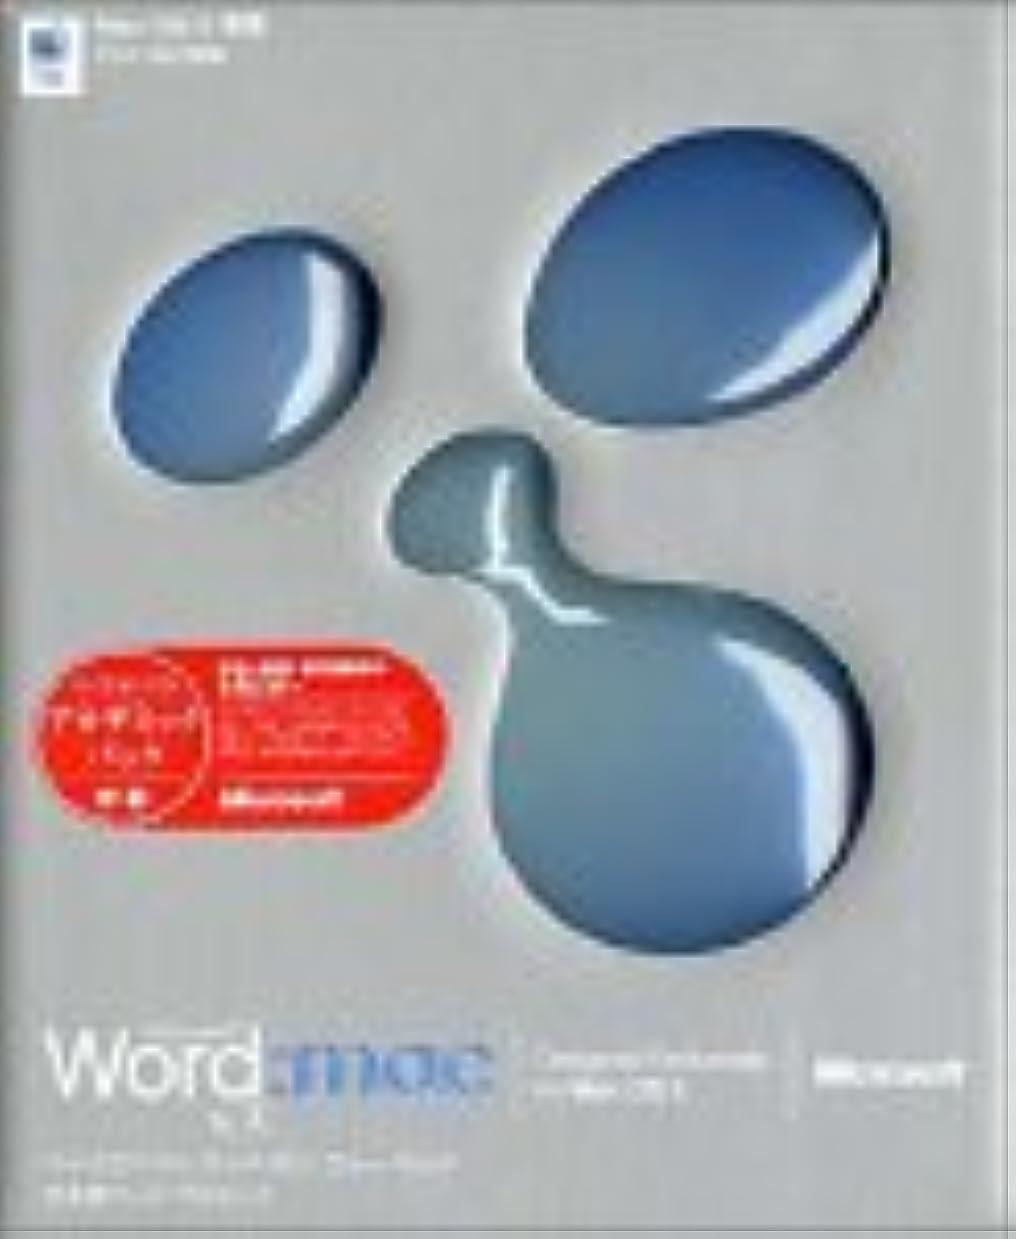 環境味わういま【旧商品】Microsoft Word X for Mac アカデミックパック